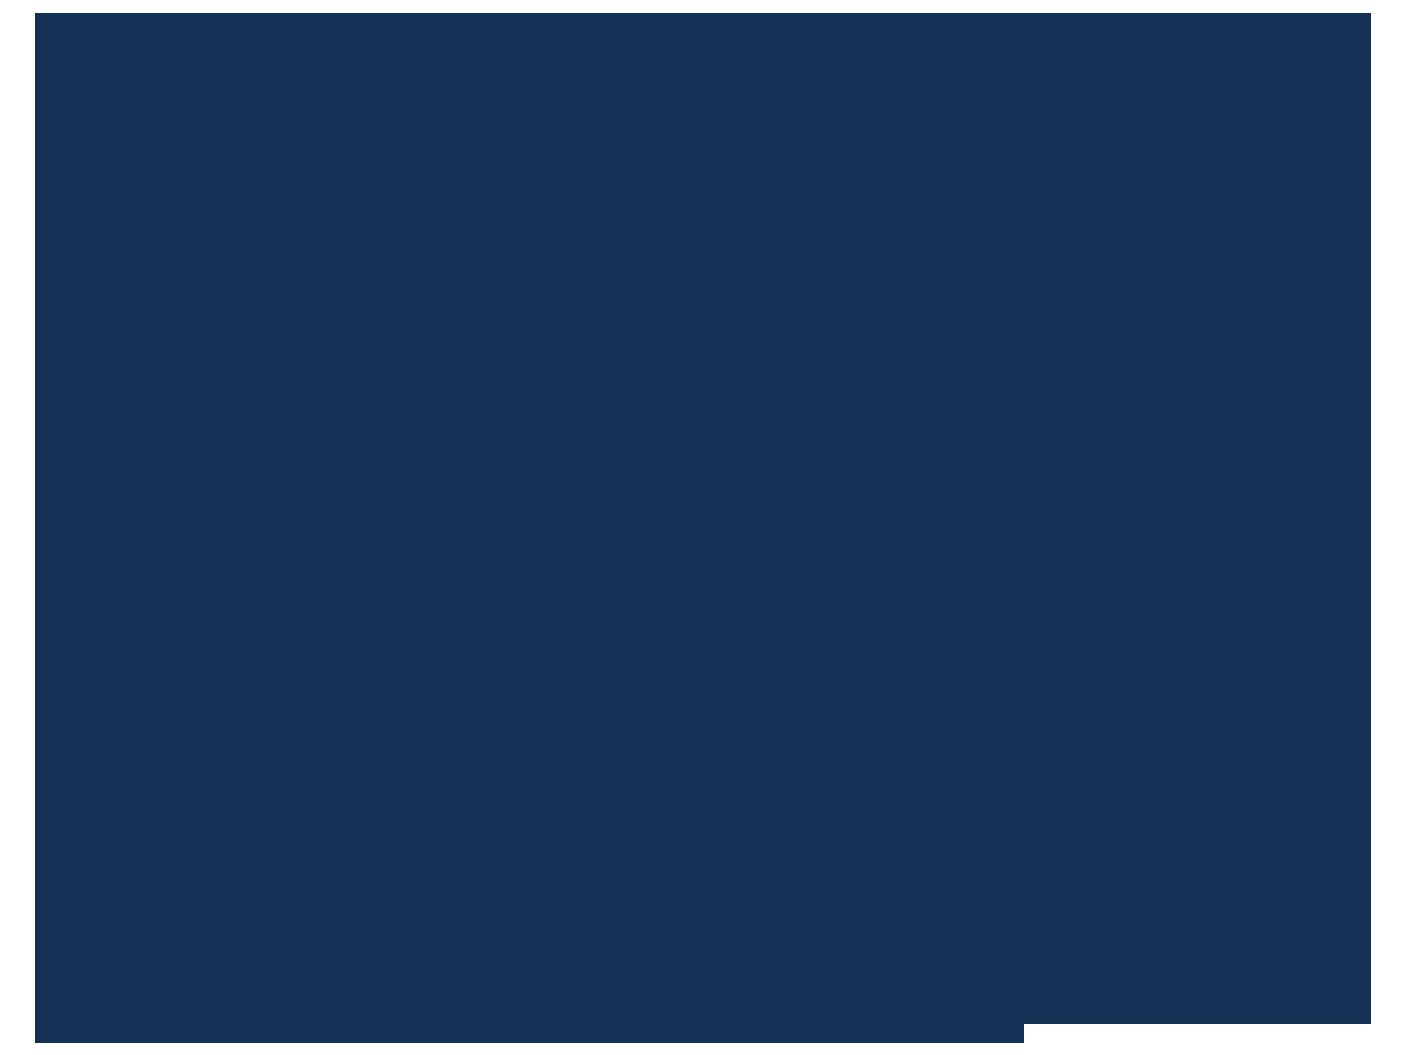 Paviljoen Hanzezicht